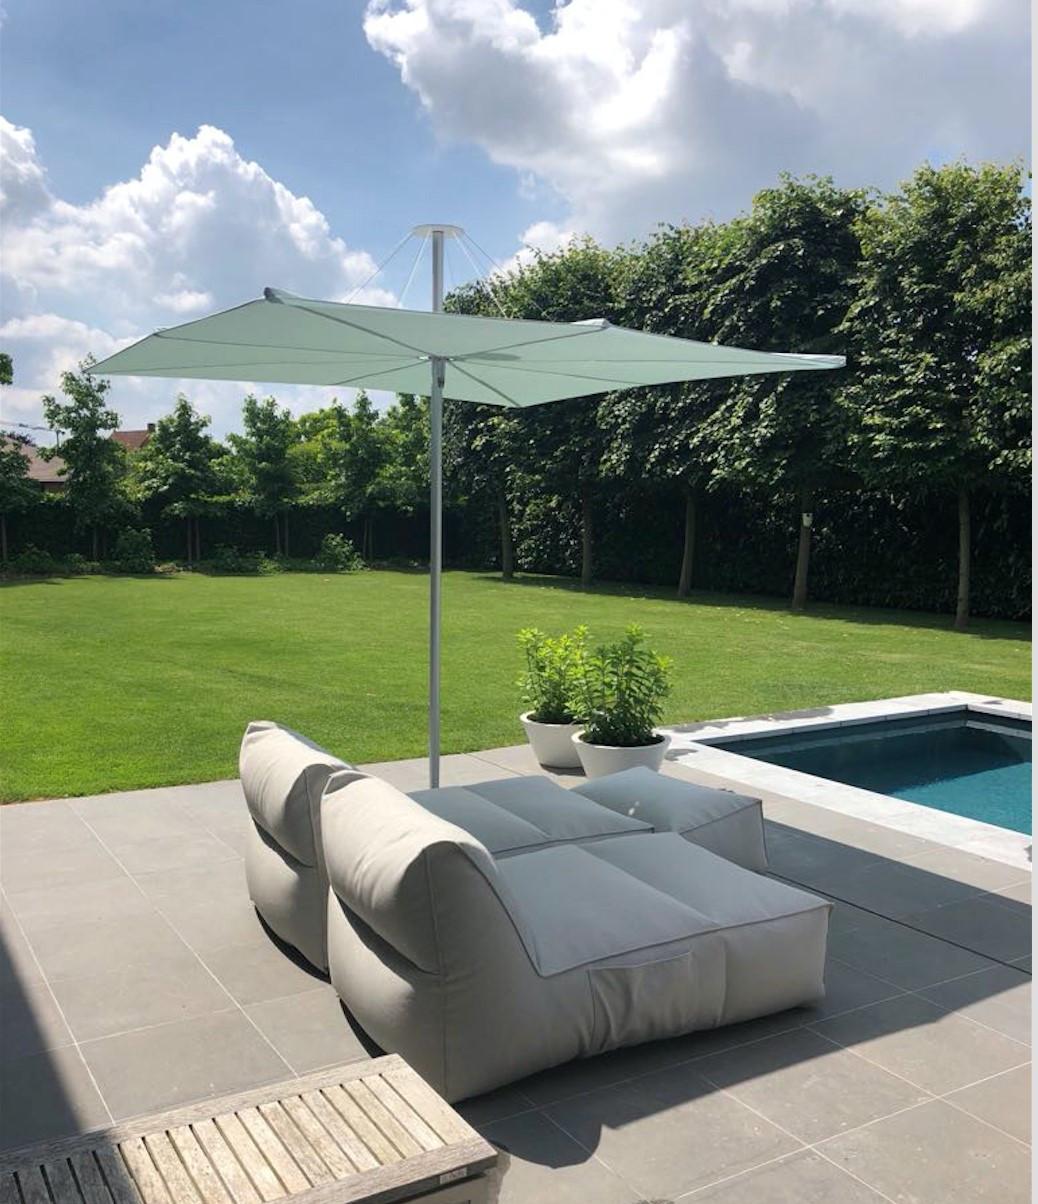 Infina garden parasol residential